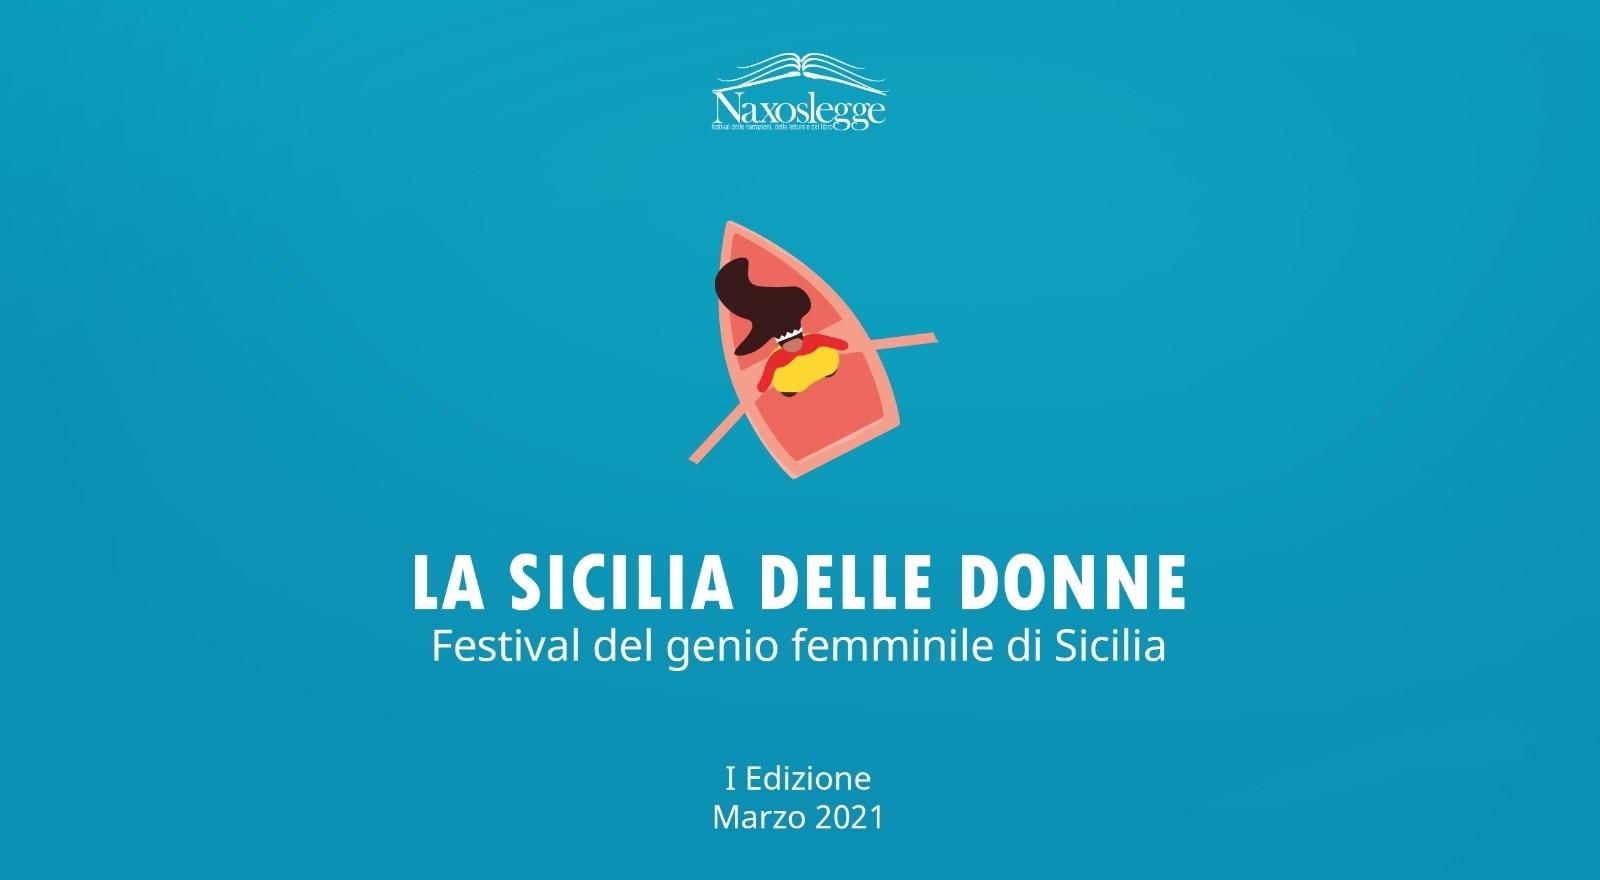 la-sicilia-delle-donne-1611573262.jpg